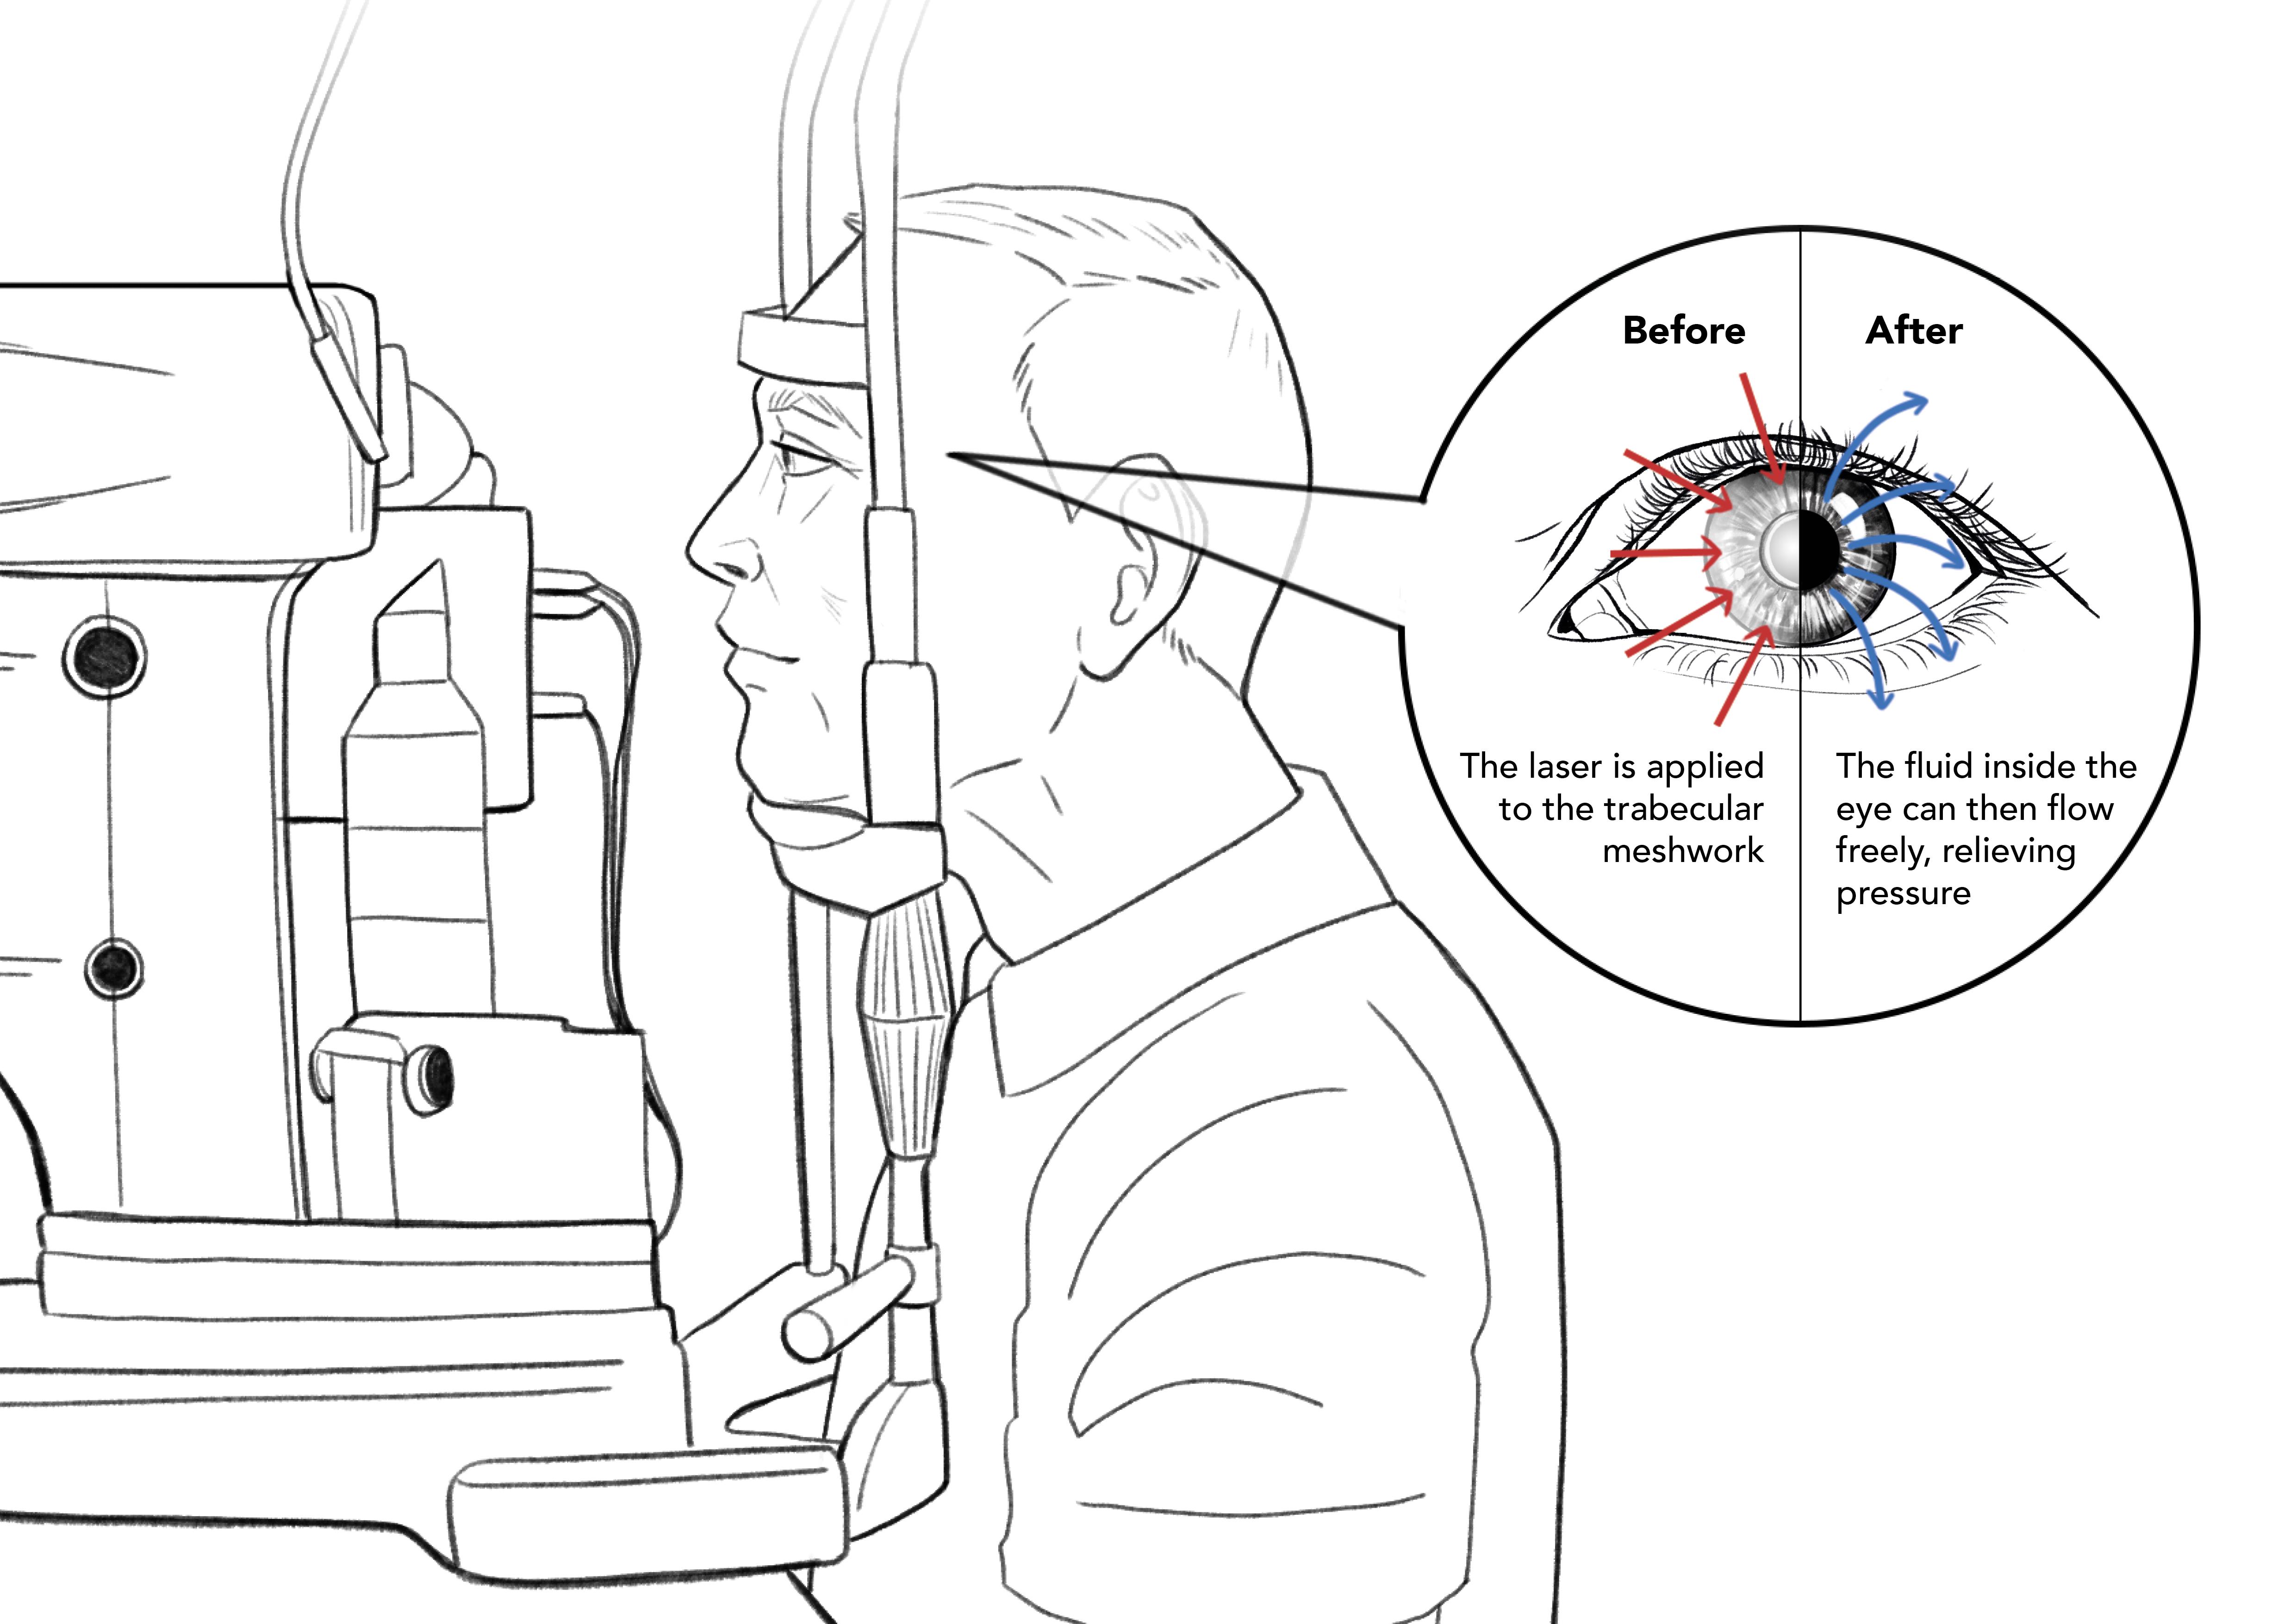 Diagram of Selective Laser Trabeculoplasty (SLT)